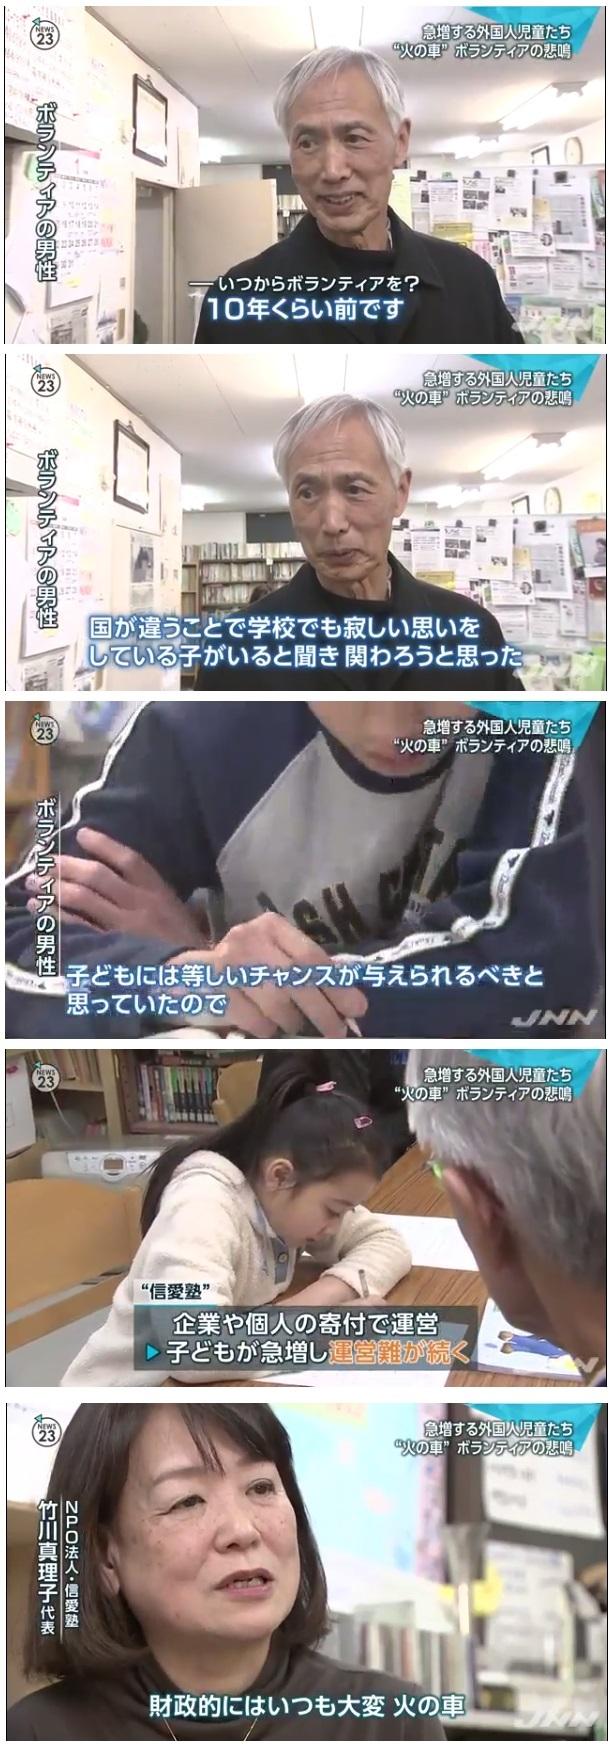 日本の学校に通う日本語が出来ない外国人の子供に振り回される教育現場2